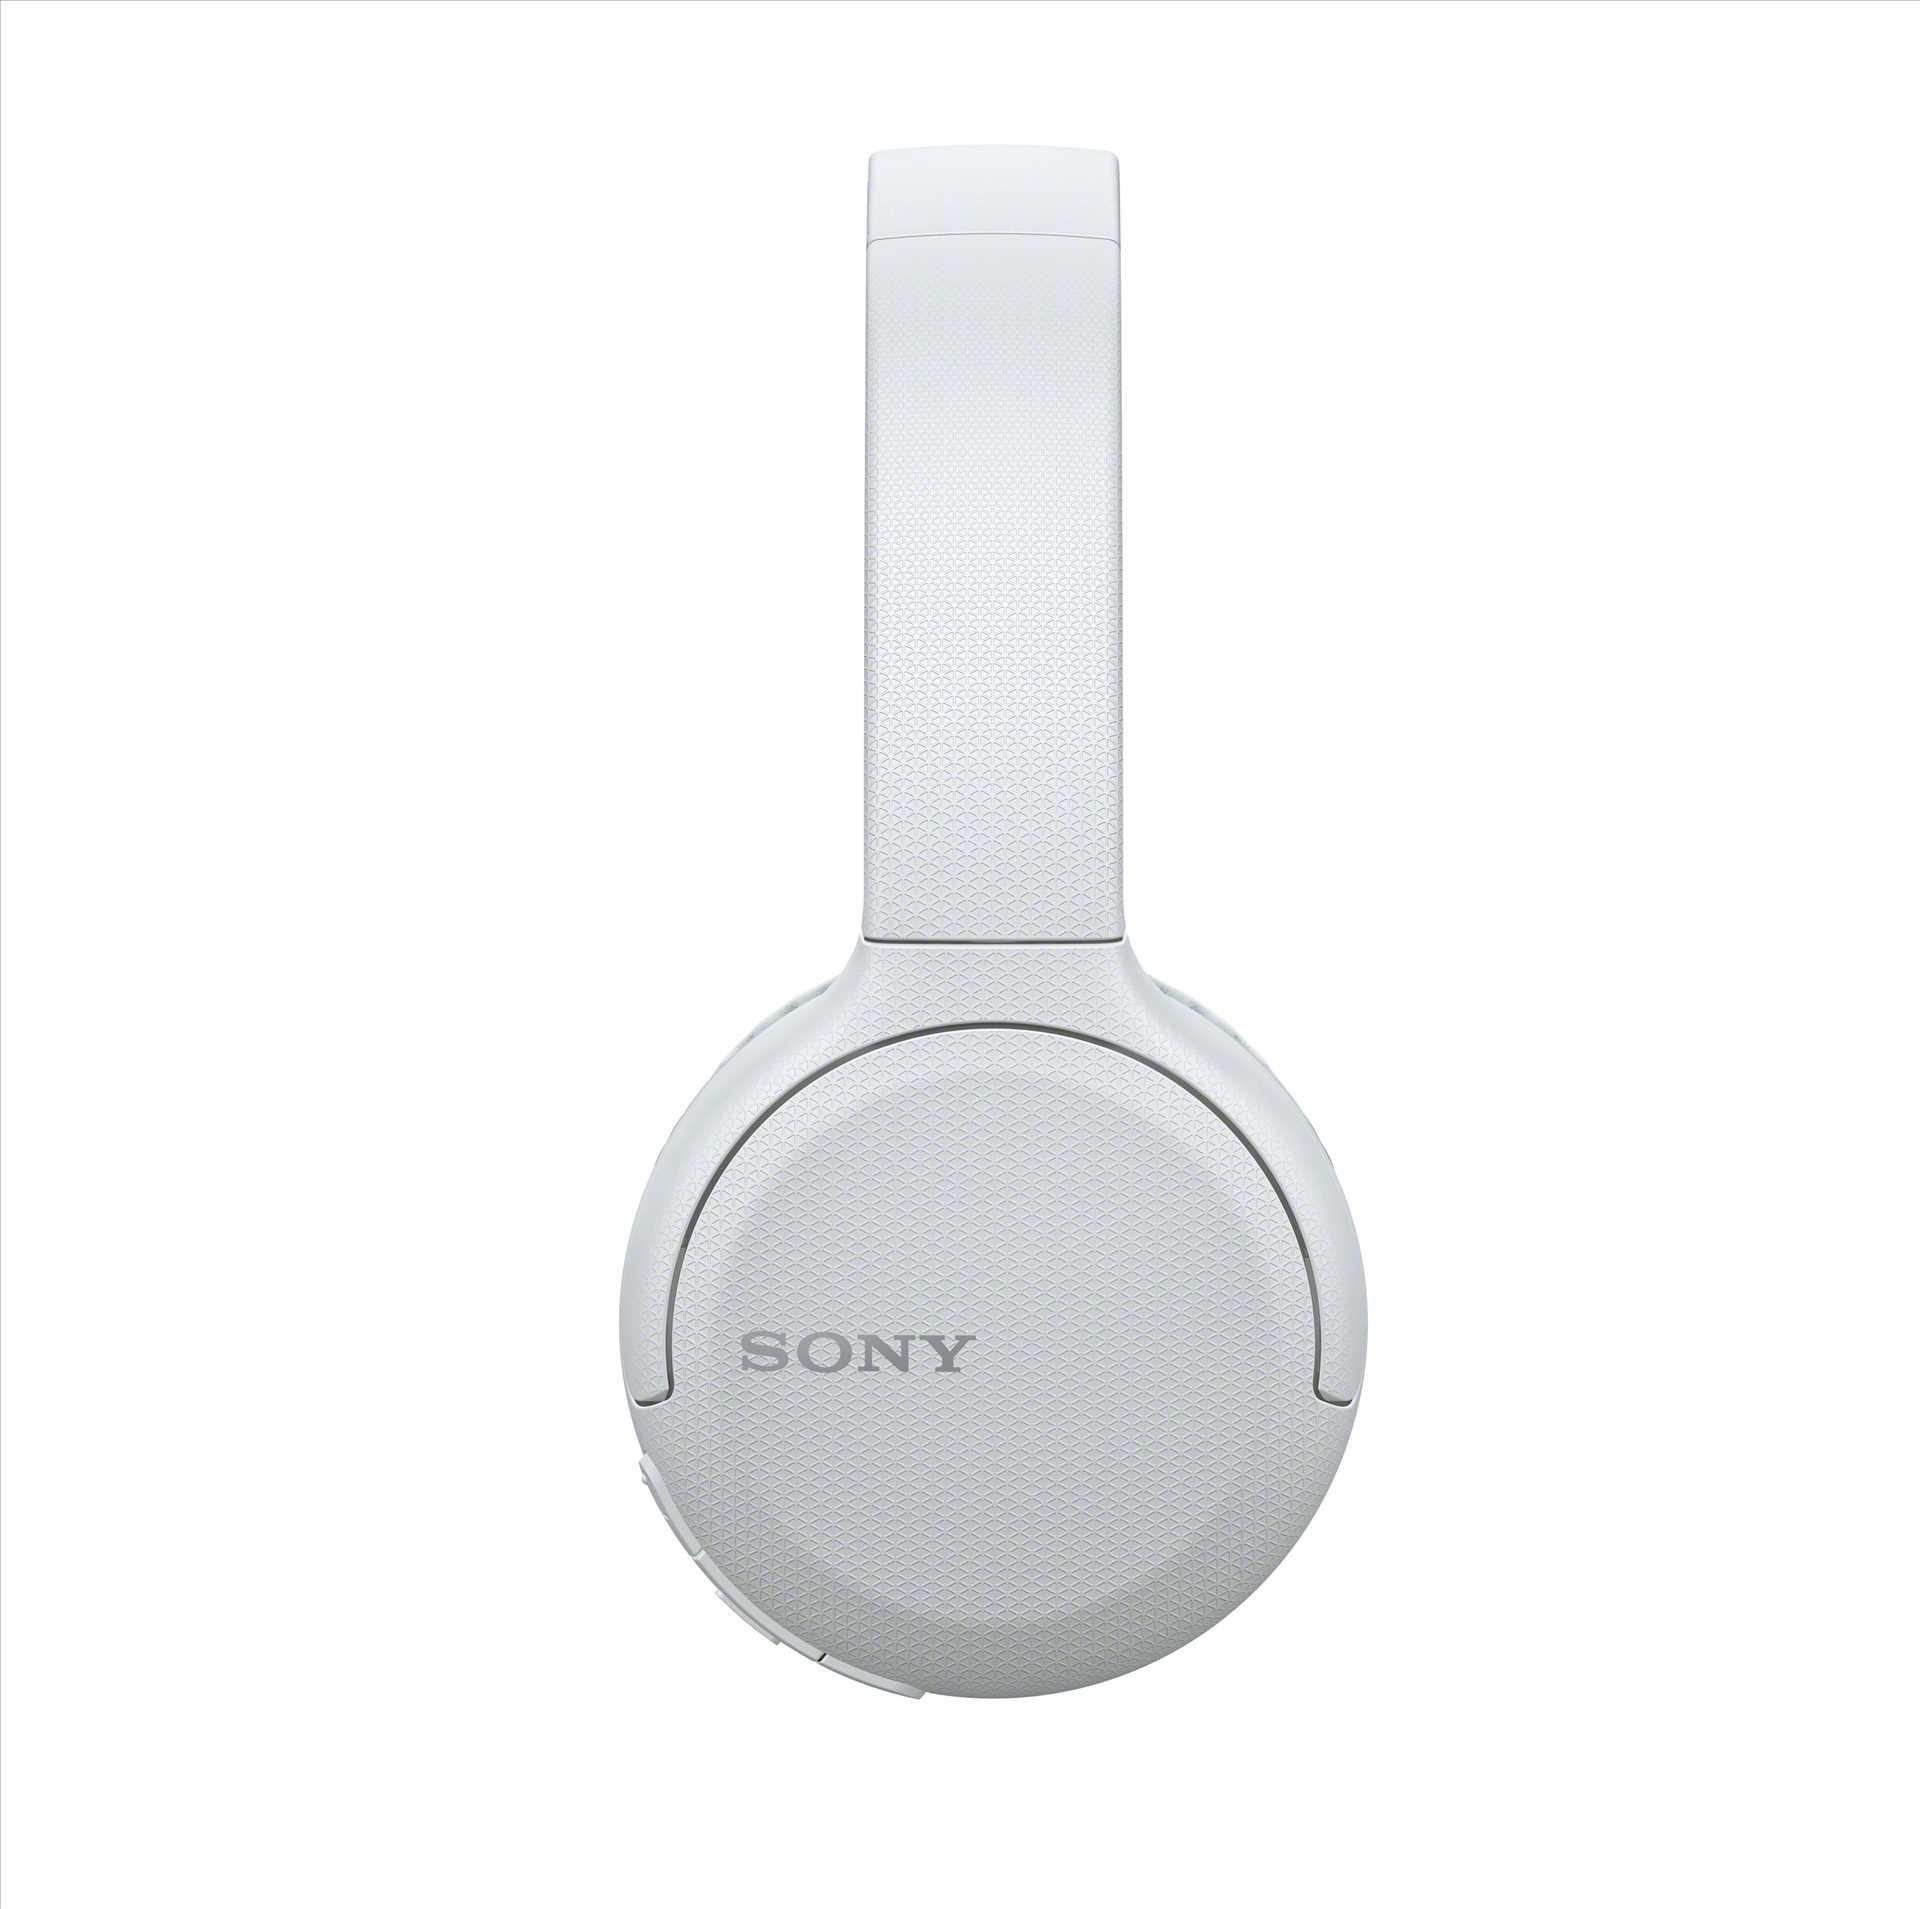 אוזניות Sony WH-CH510W Bluetooth סוני - תמונה 3